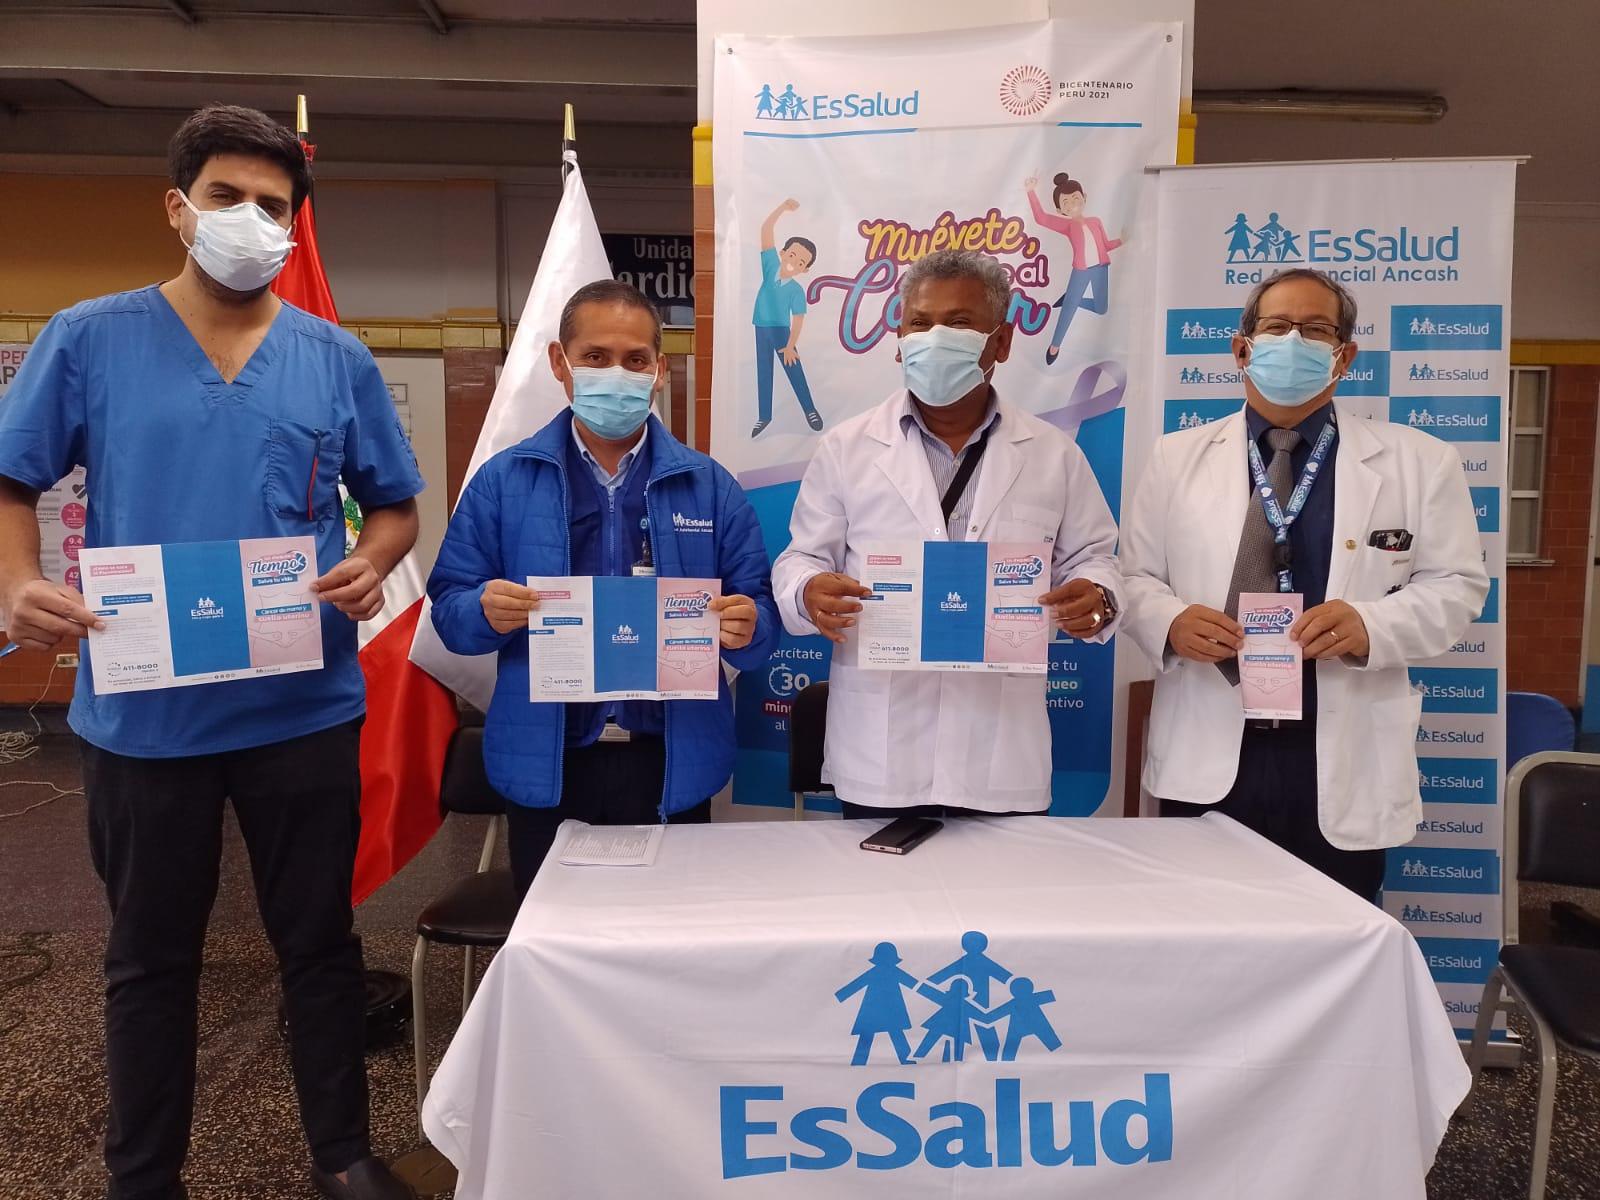 Essalud - EsSalud Áncash organiza bicicleteada contra el cáncer